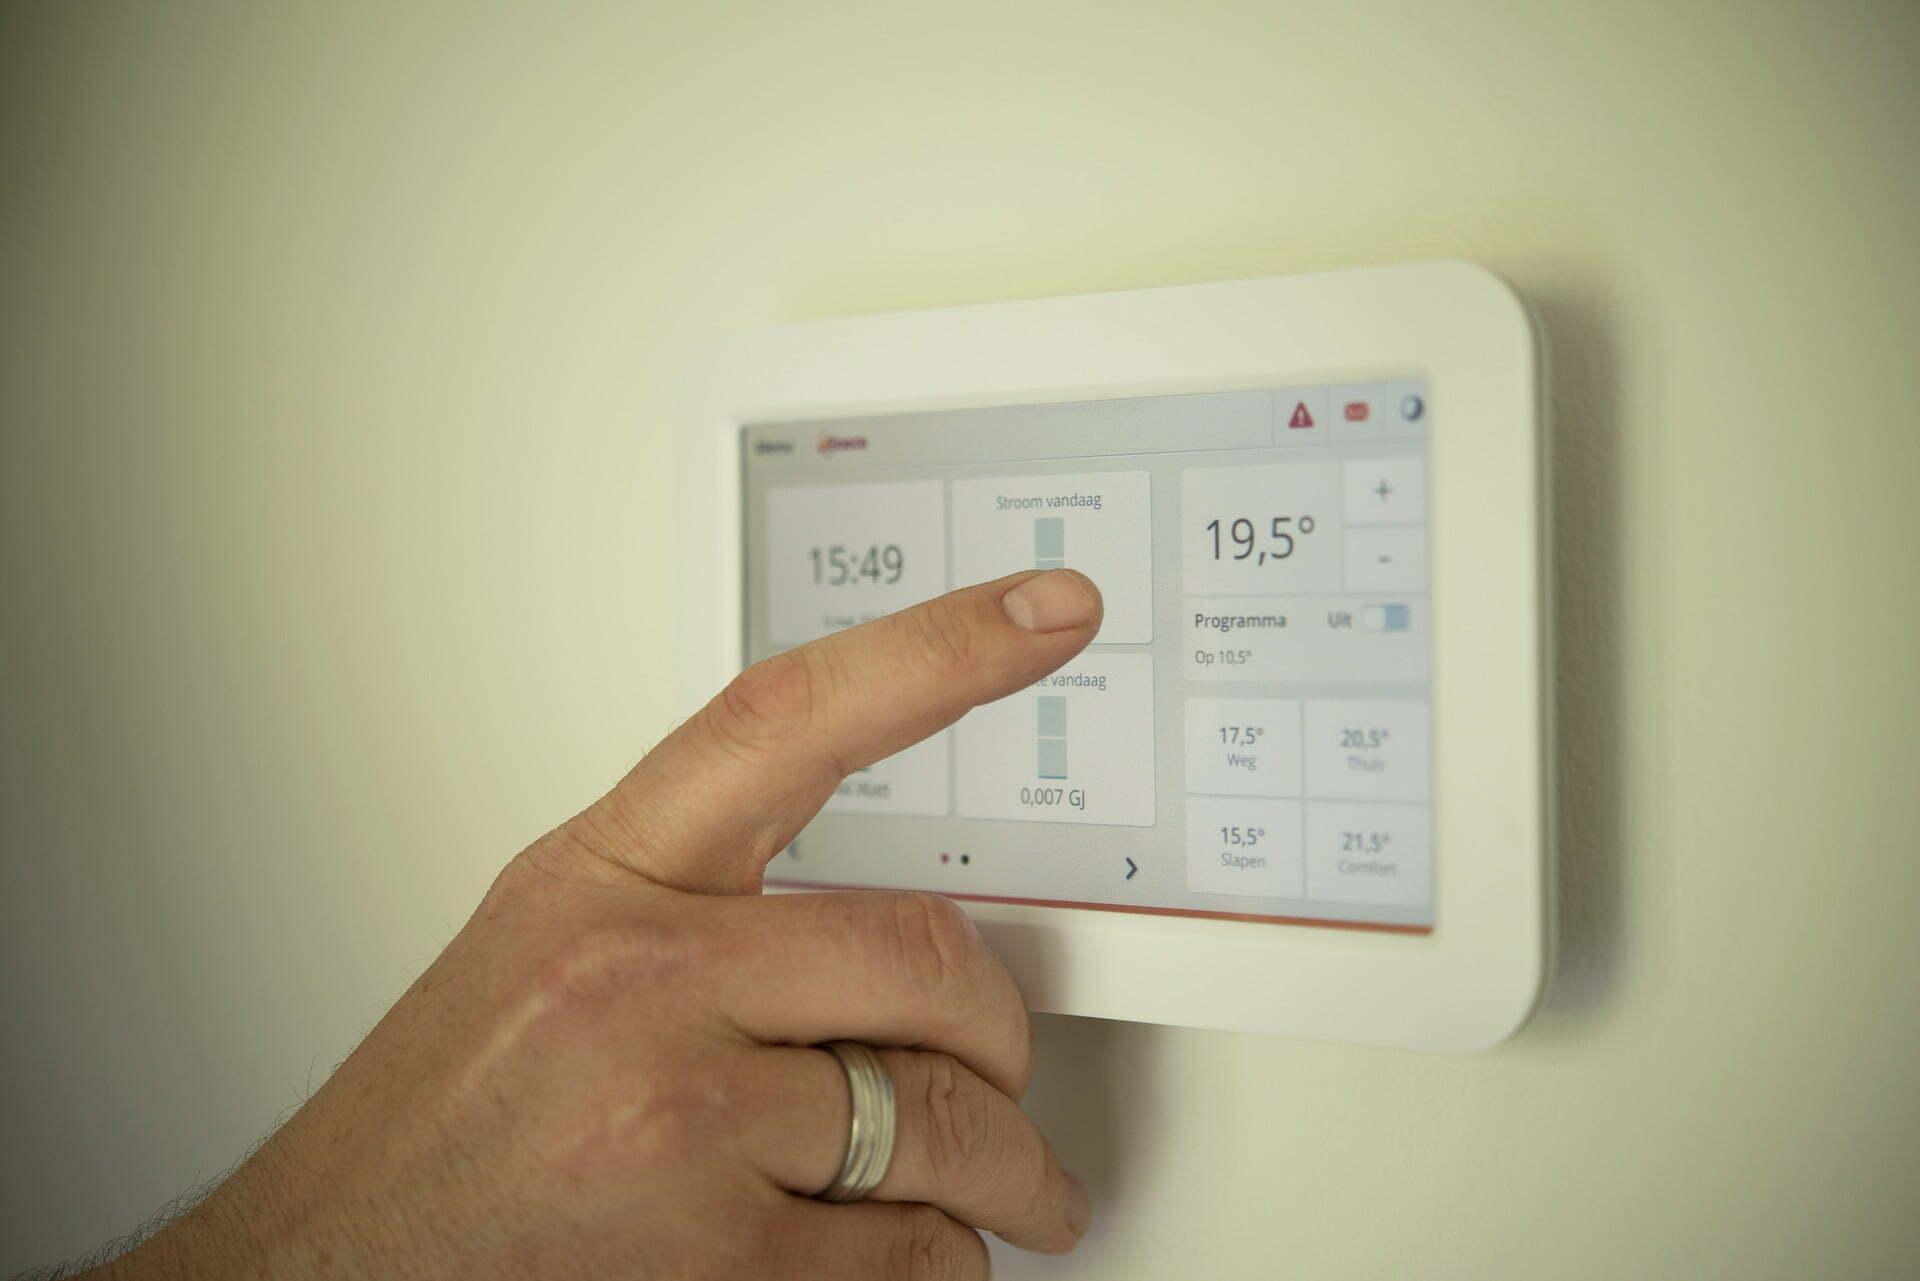 Tweede Kamer wil huizen verwarmen met restwarmte datacenters